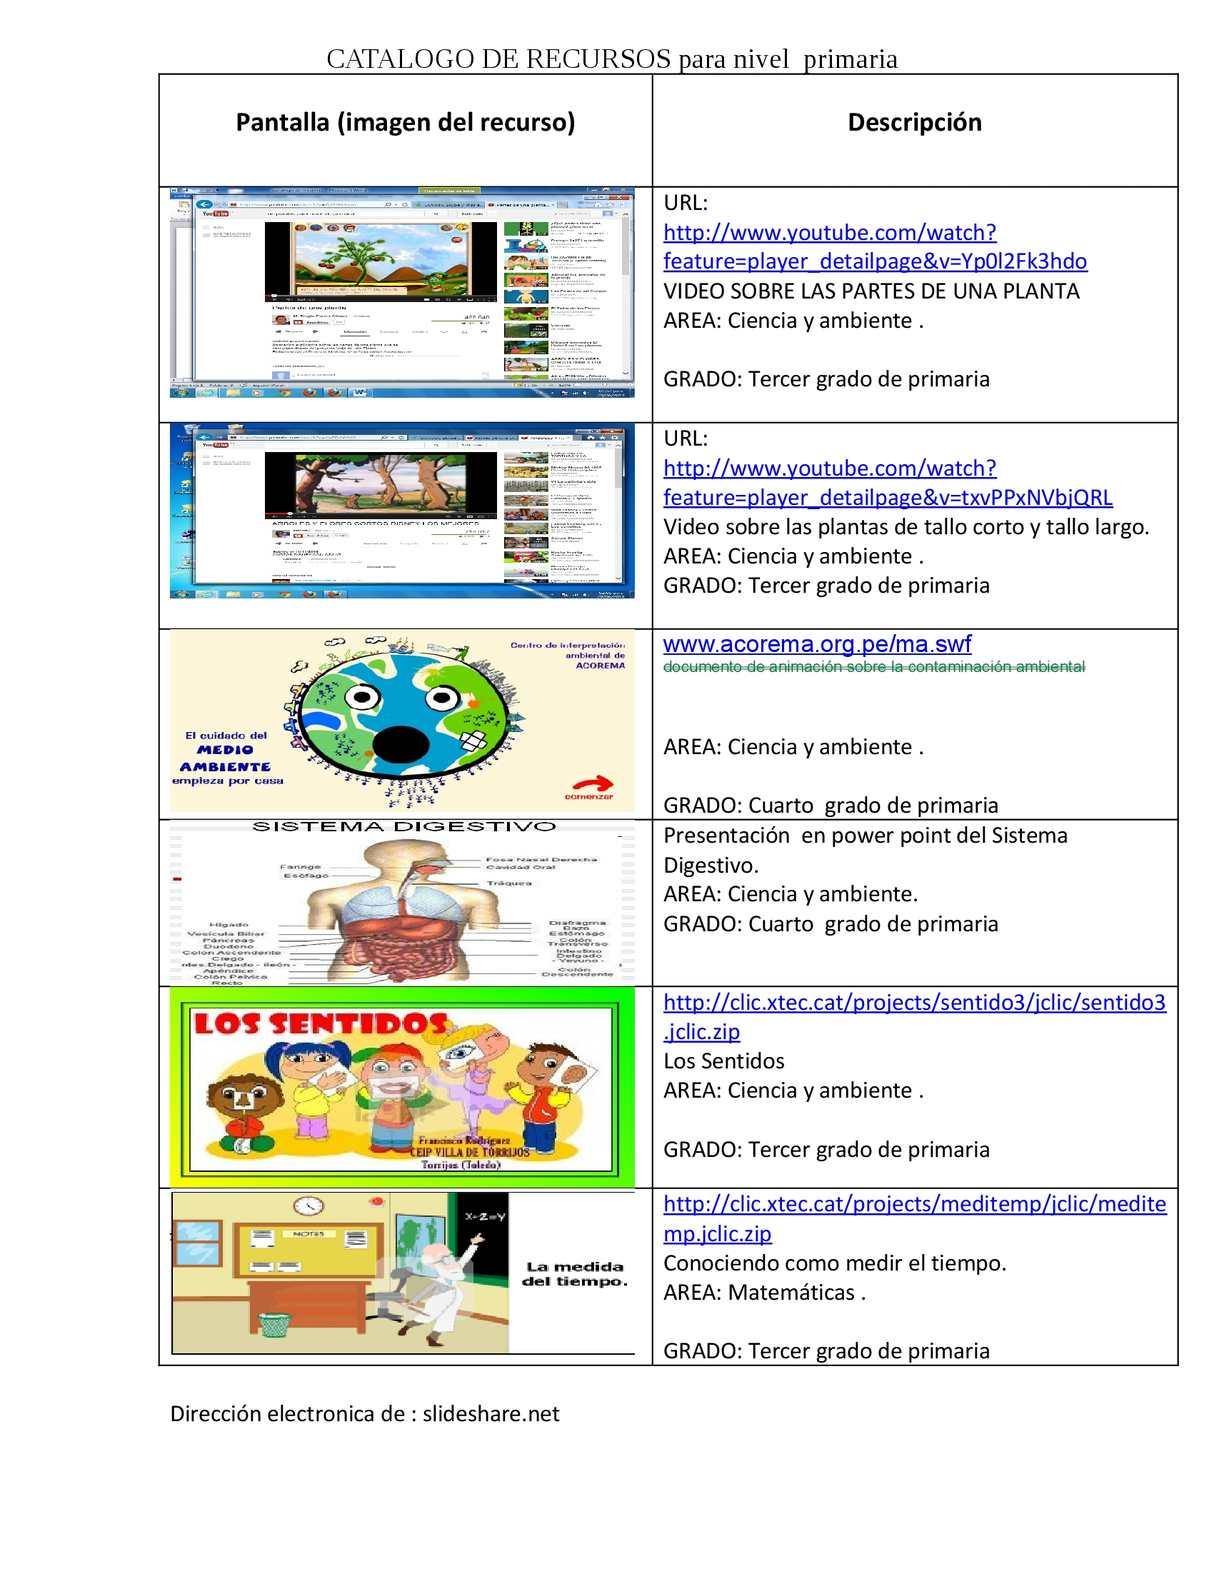 Calaméo - Catalogo de recursos para el nivel primaria